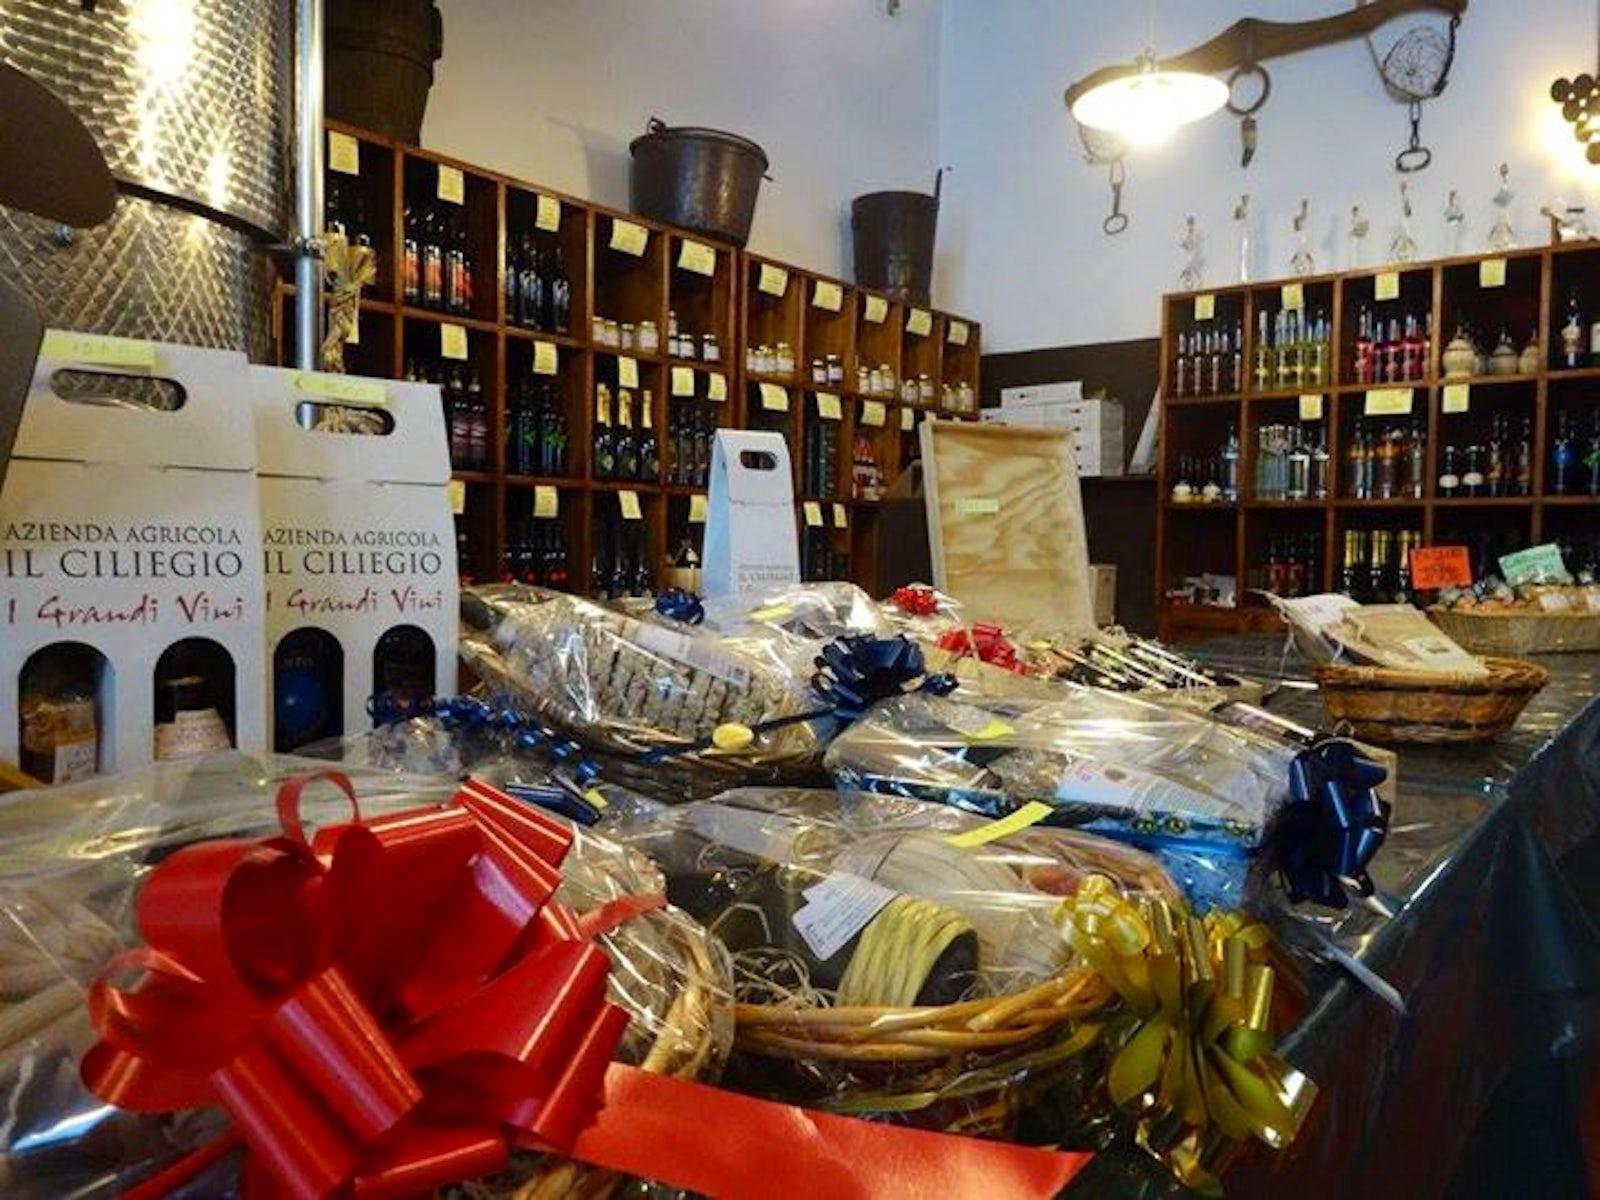 Travel inspired - Location - Fattoria Il Ciliegio - Azienda agricola ...